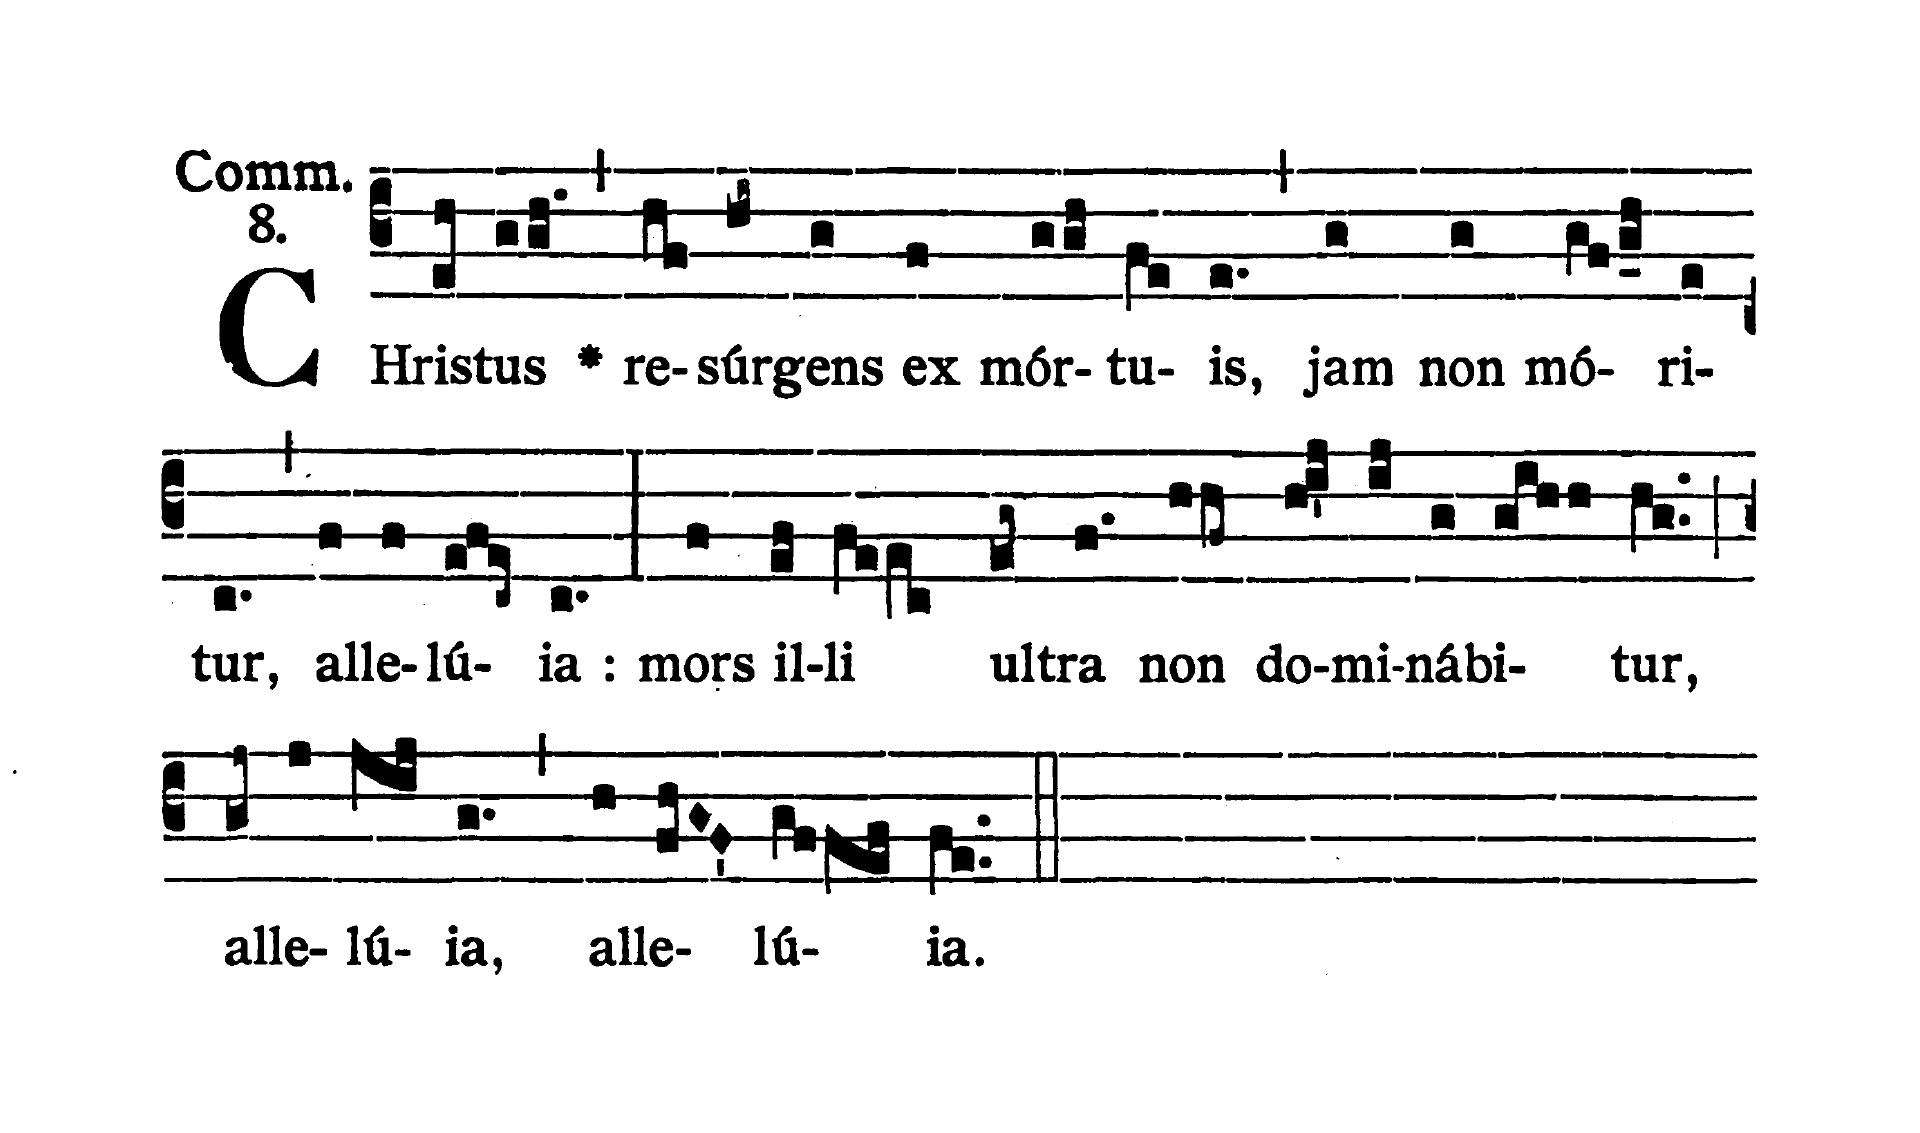 Feria quarta post Pascha (Środa Wielkanocna) - Communio (Christus resurgens)